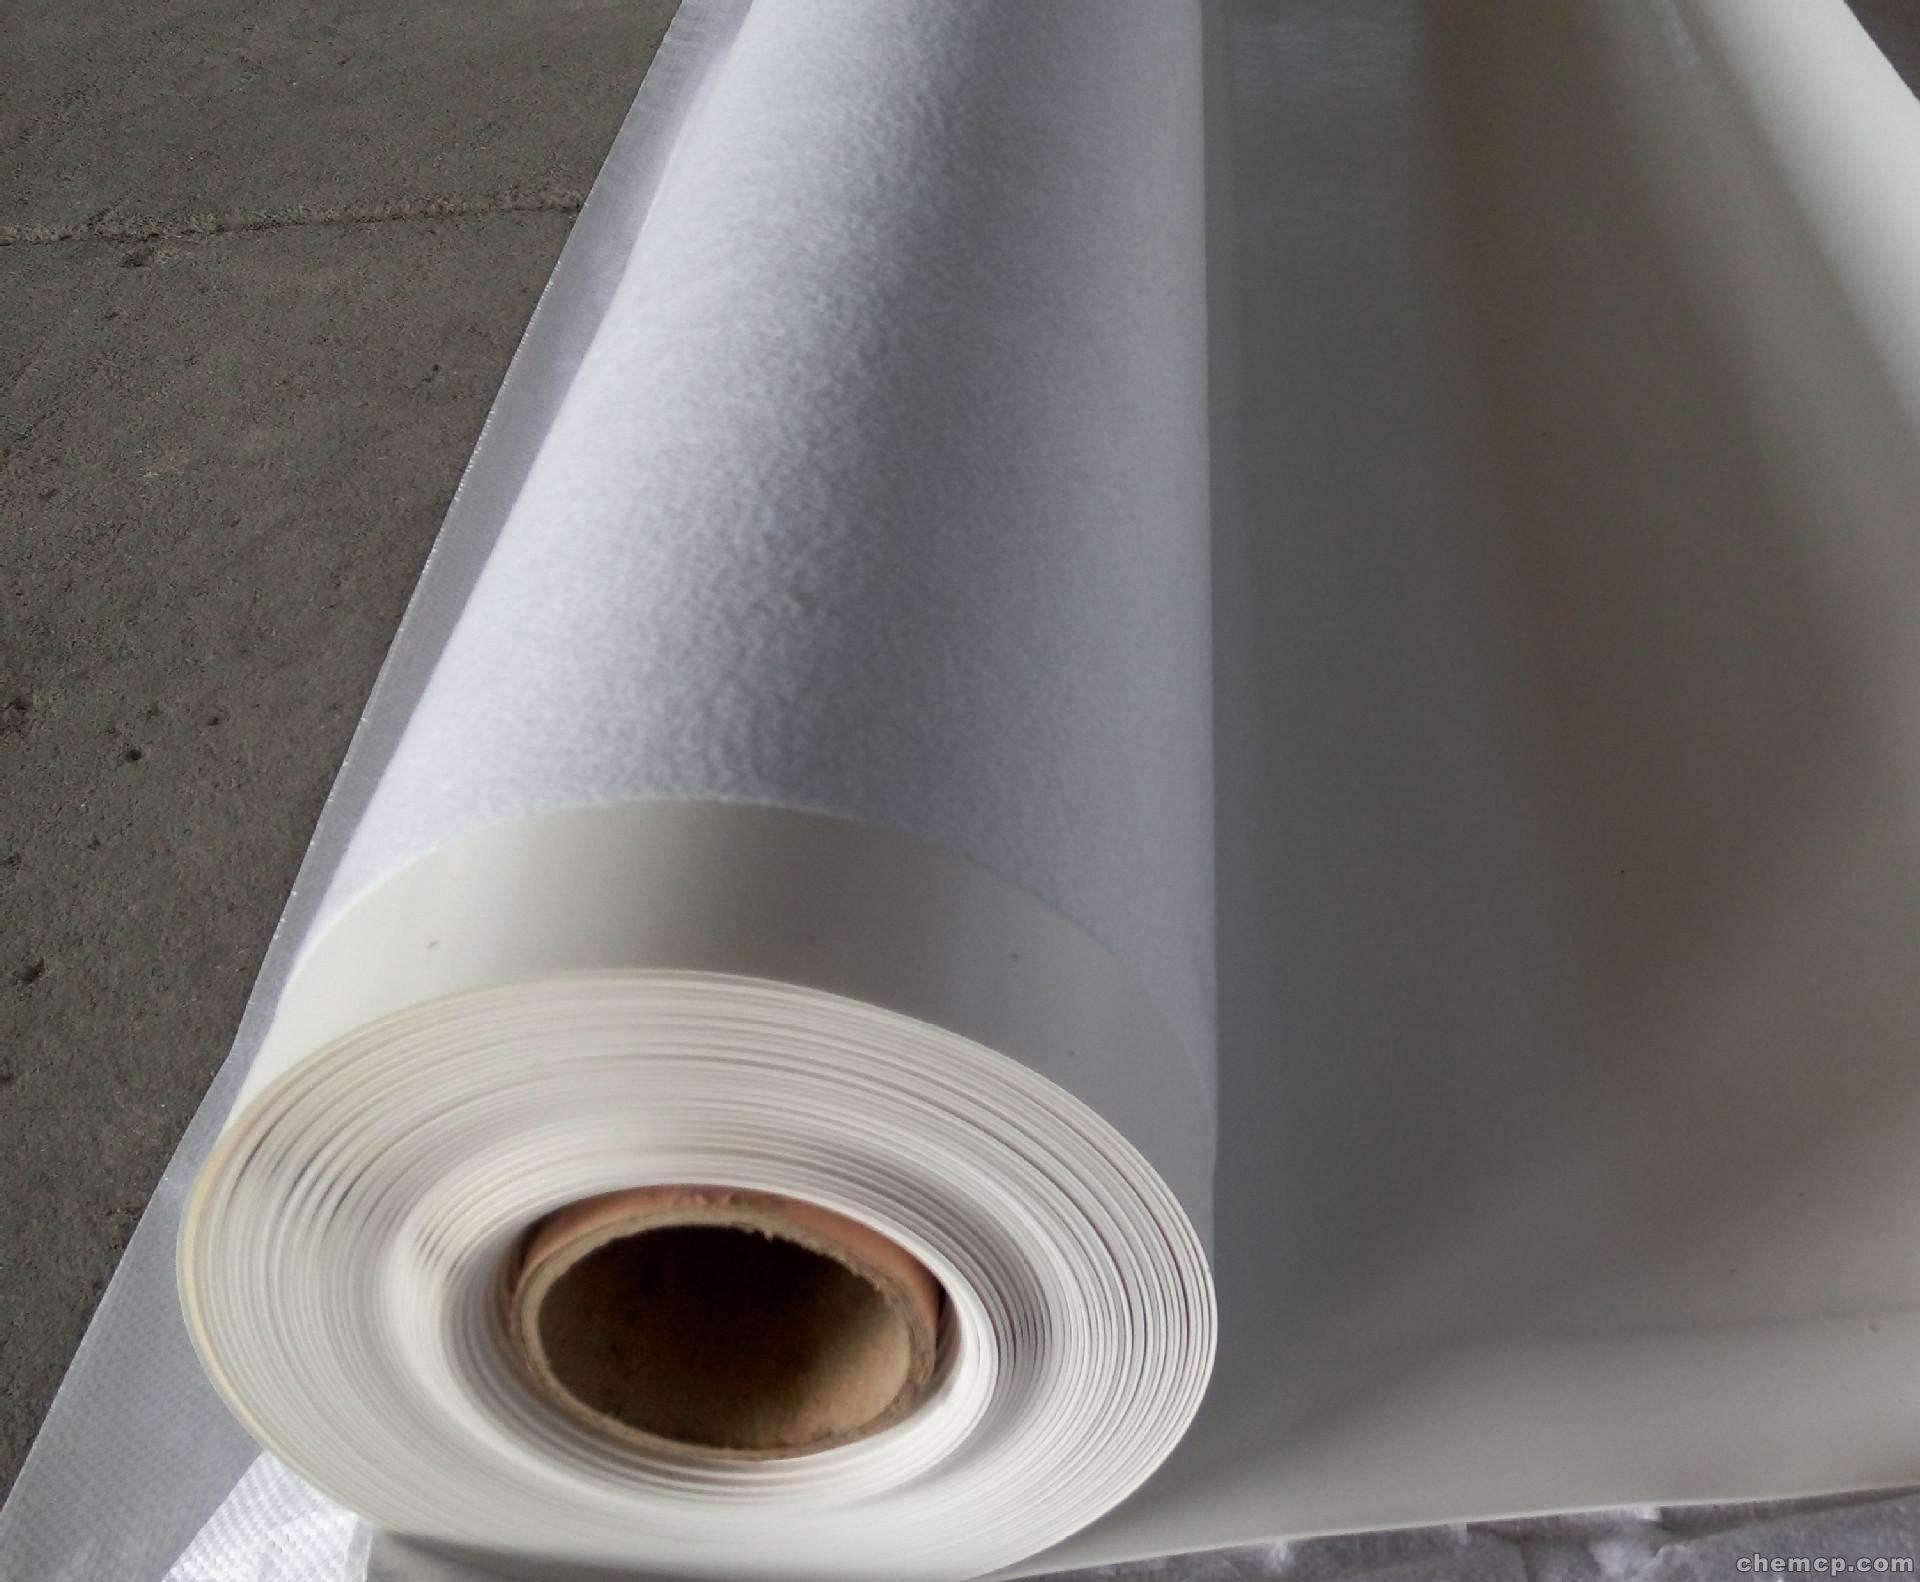 浙江1.5mm厚非沥青基自粘胶膜防水卷材价格